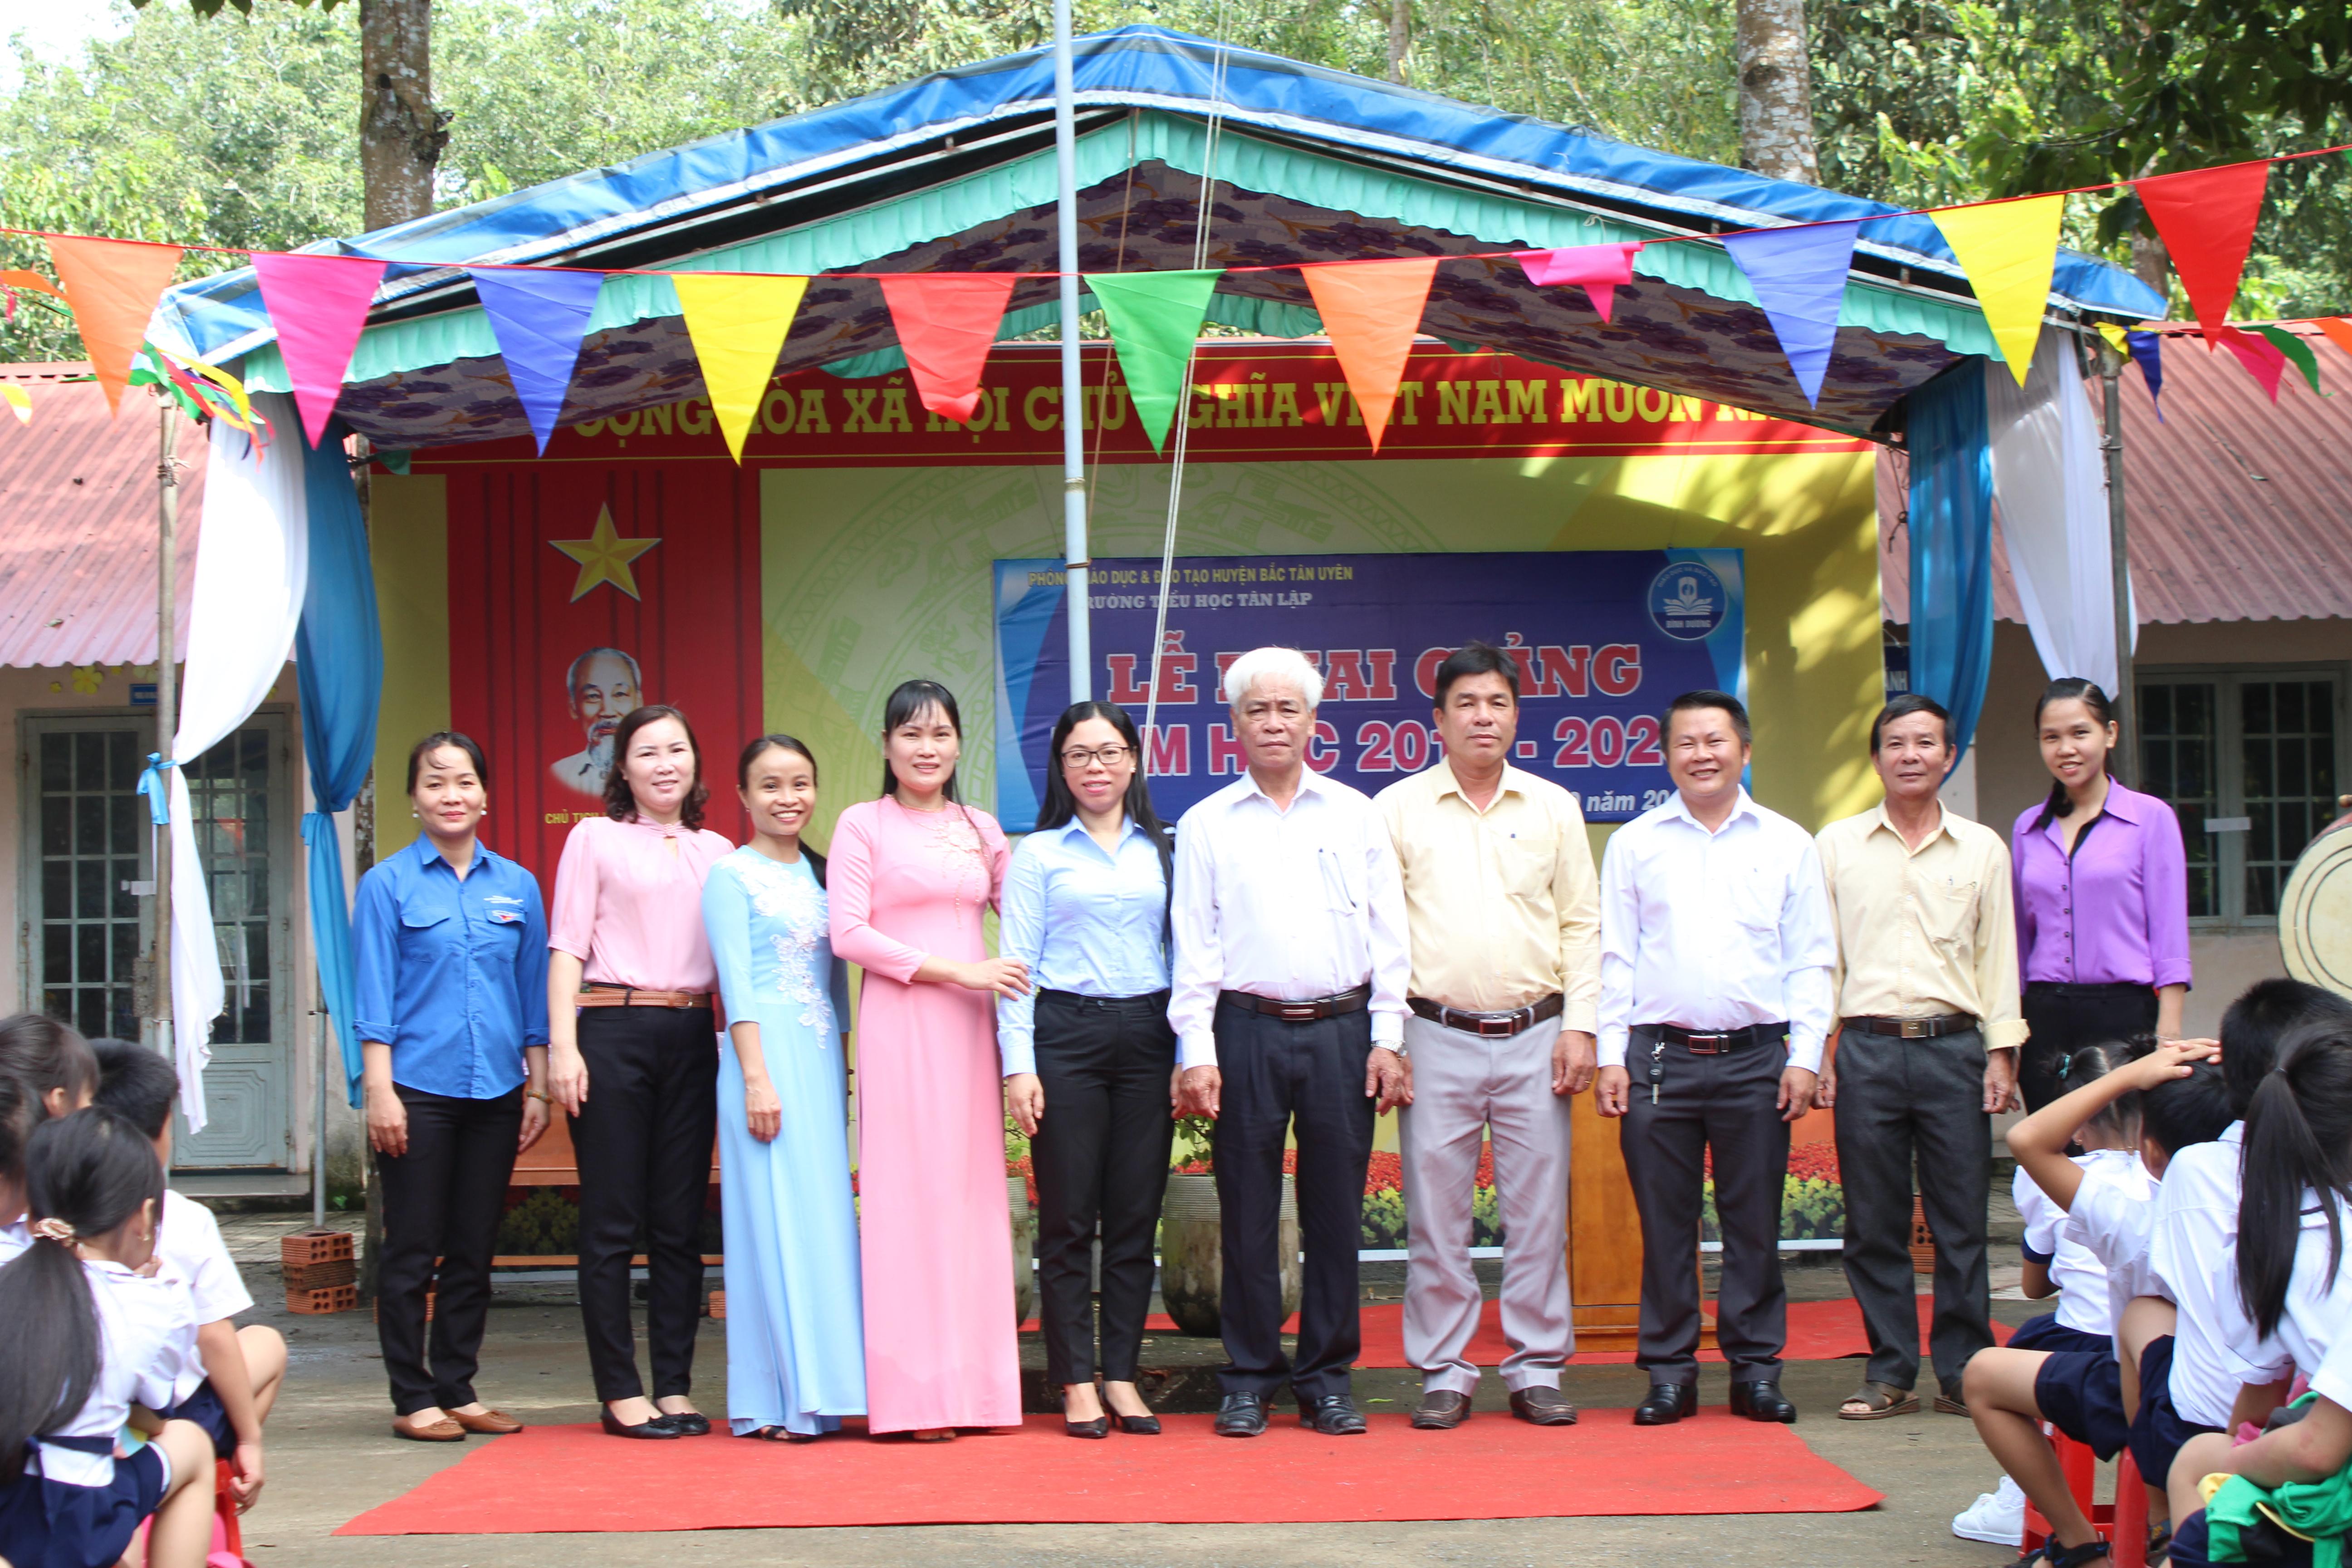 Nồng ấm lễ khai giảng năm học 2019 – 2020 tại trường Tiểu học Tân Lập